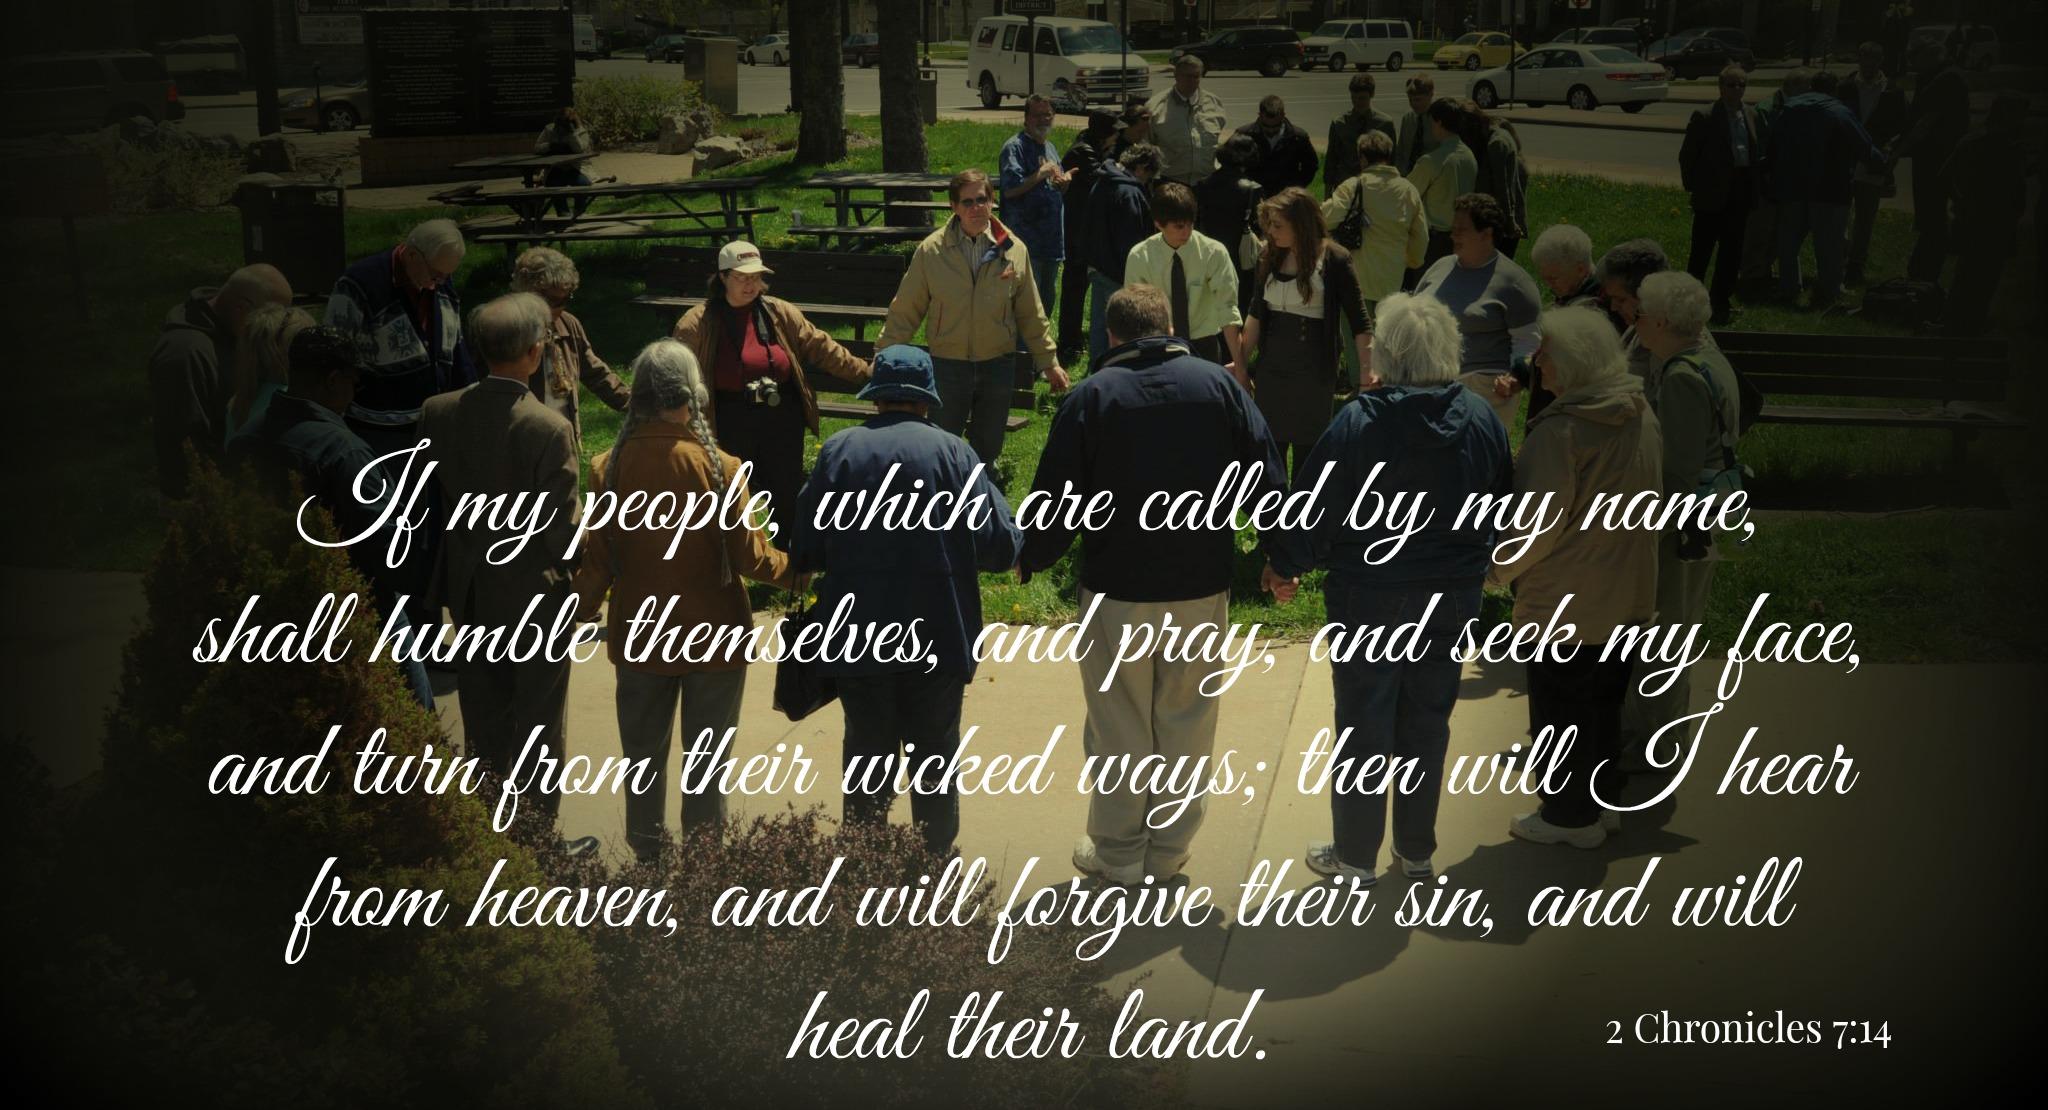 The Christian Prayer Centre in Dallas predators of prayer